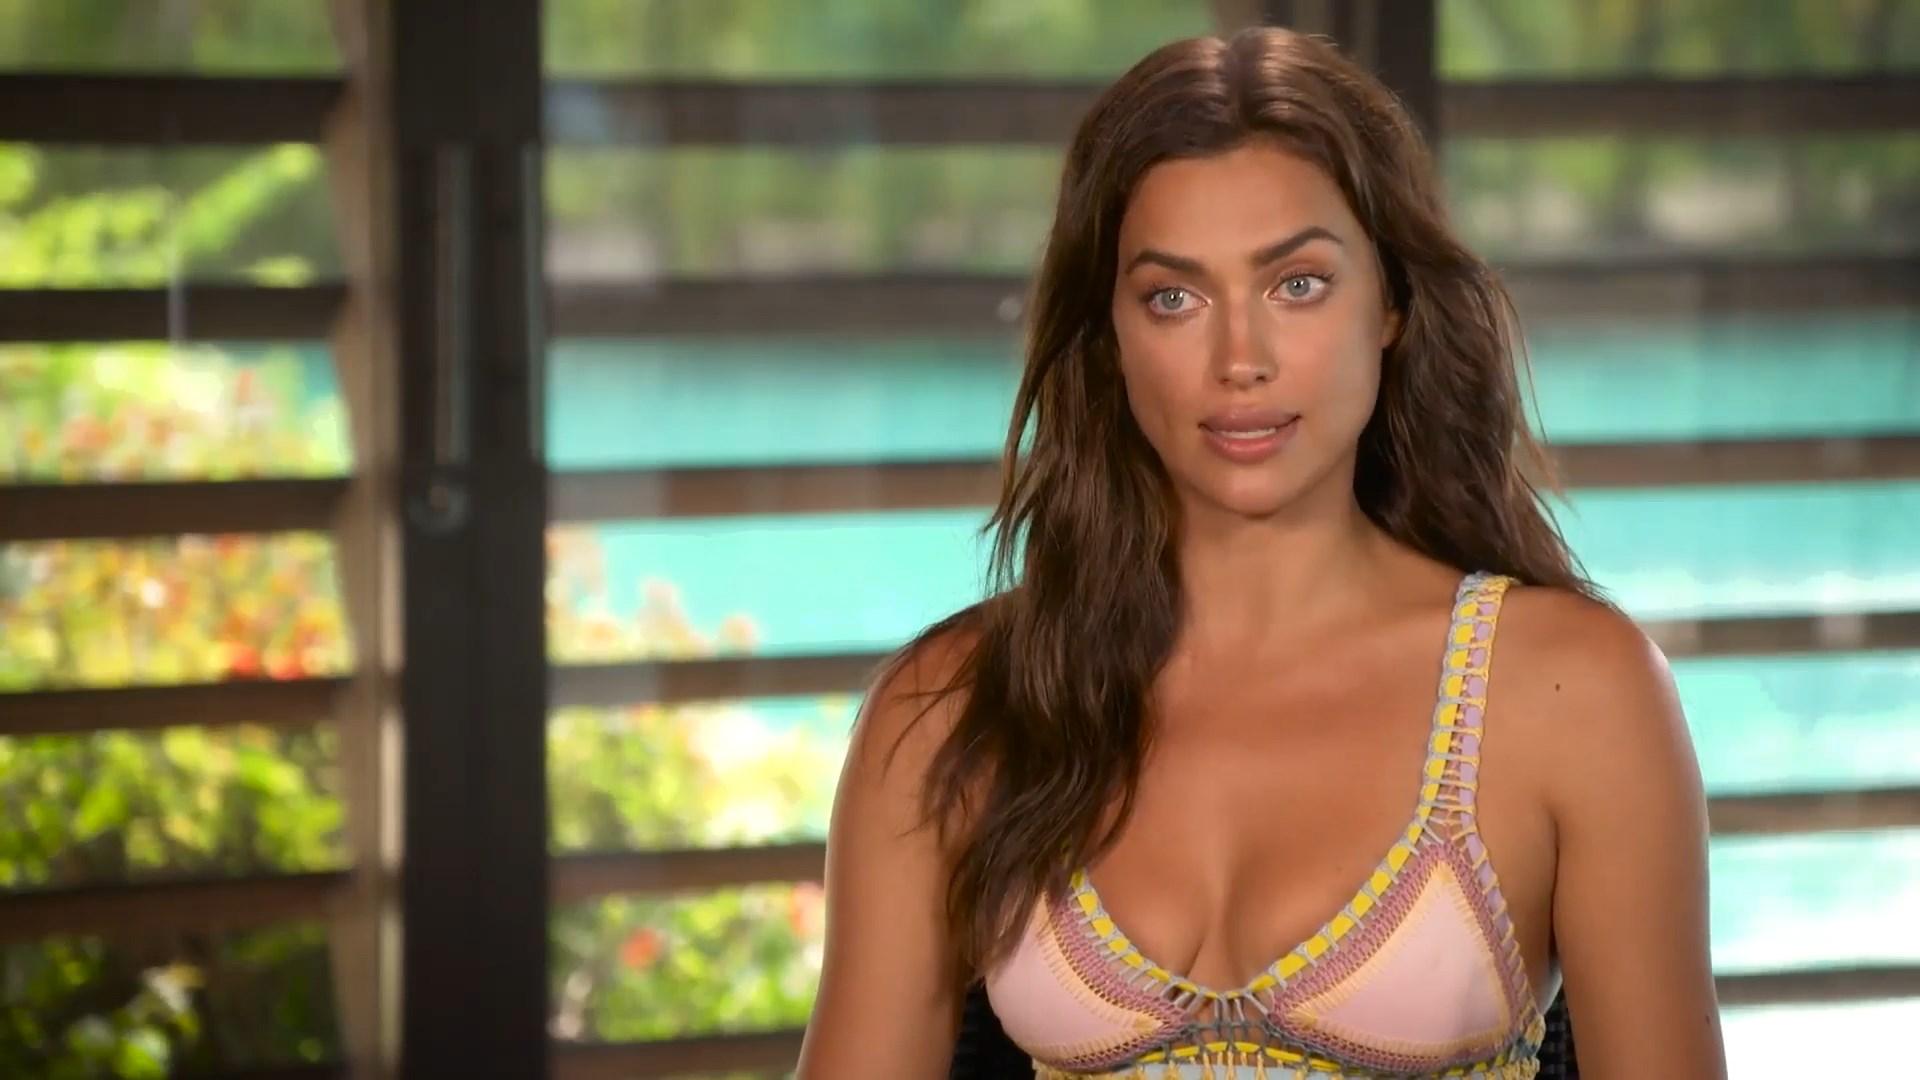 Irina Shayk big boobs